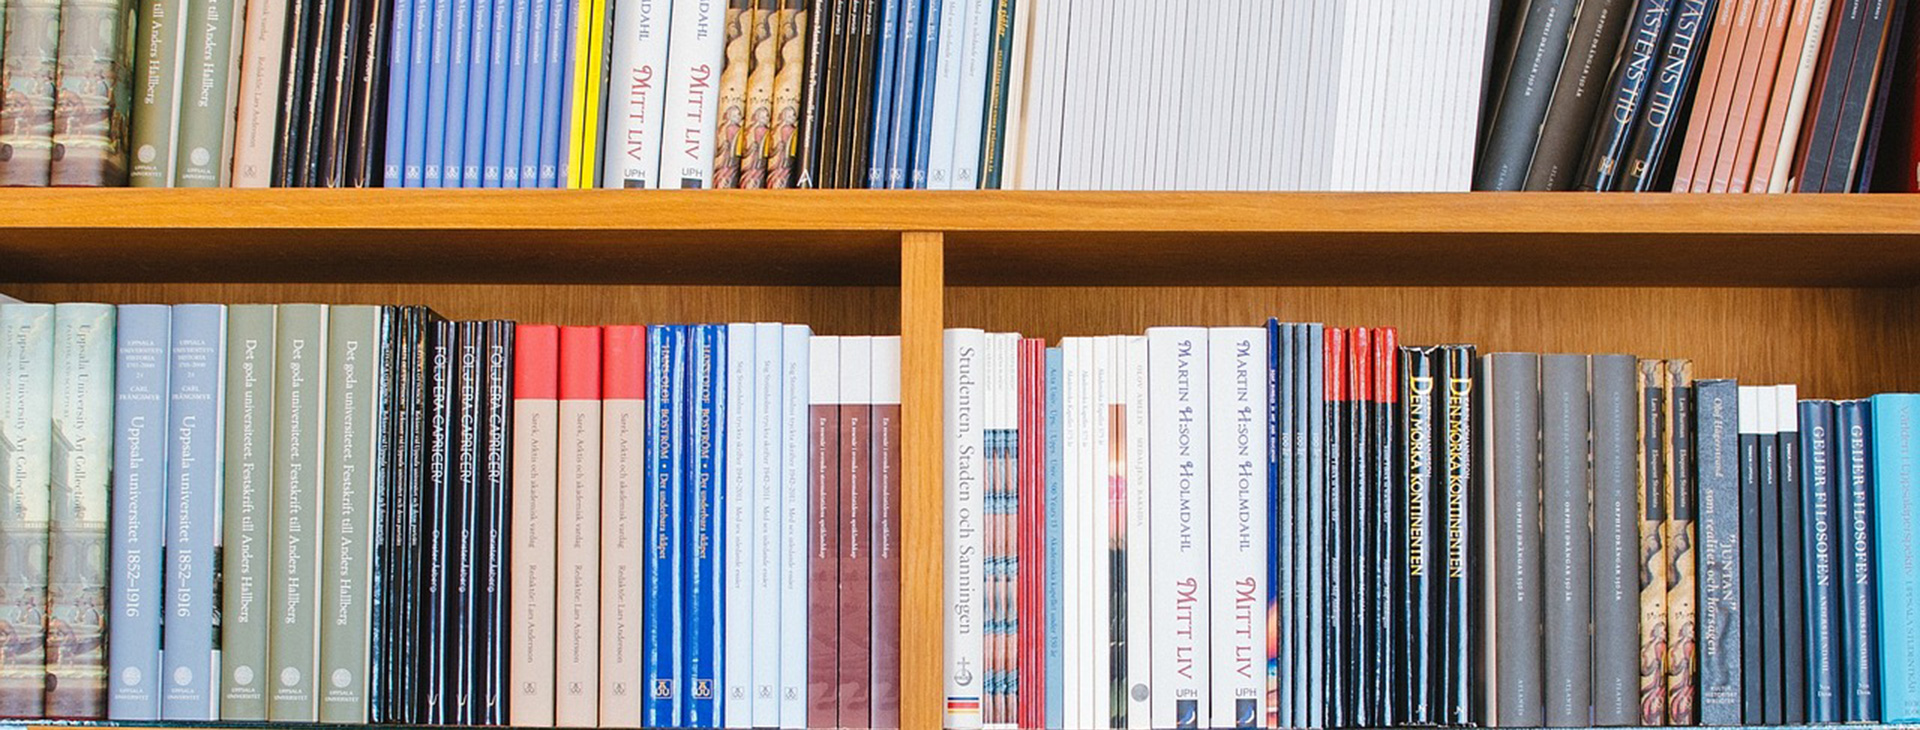 Publikationen zum Fliegerhorst Fürstenfeldbruck